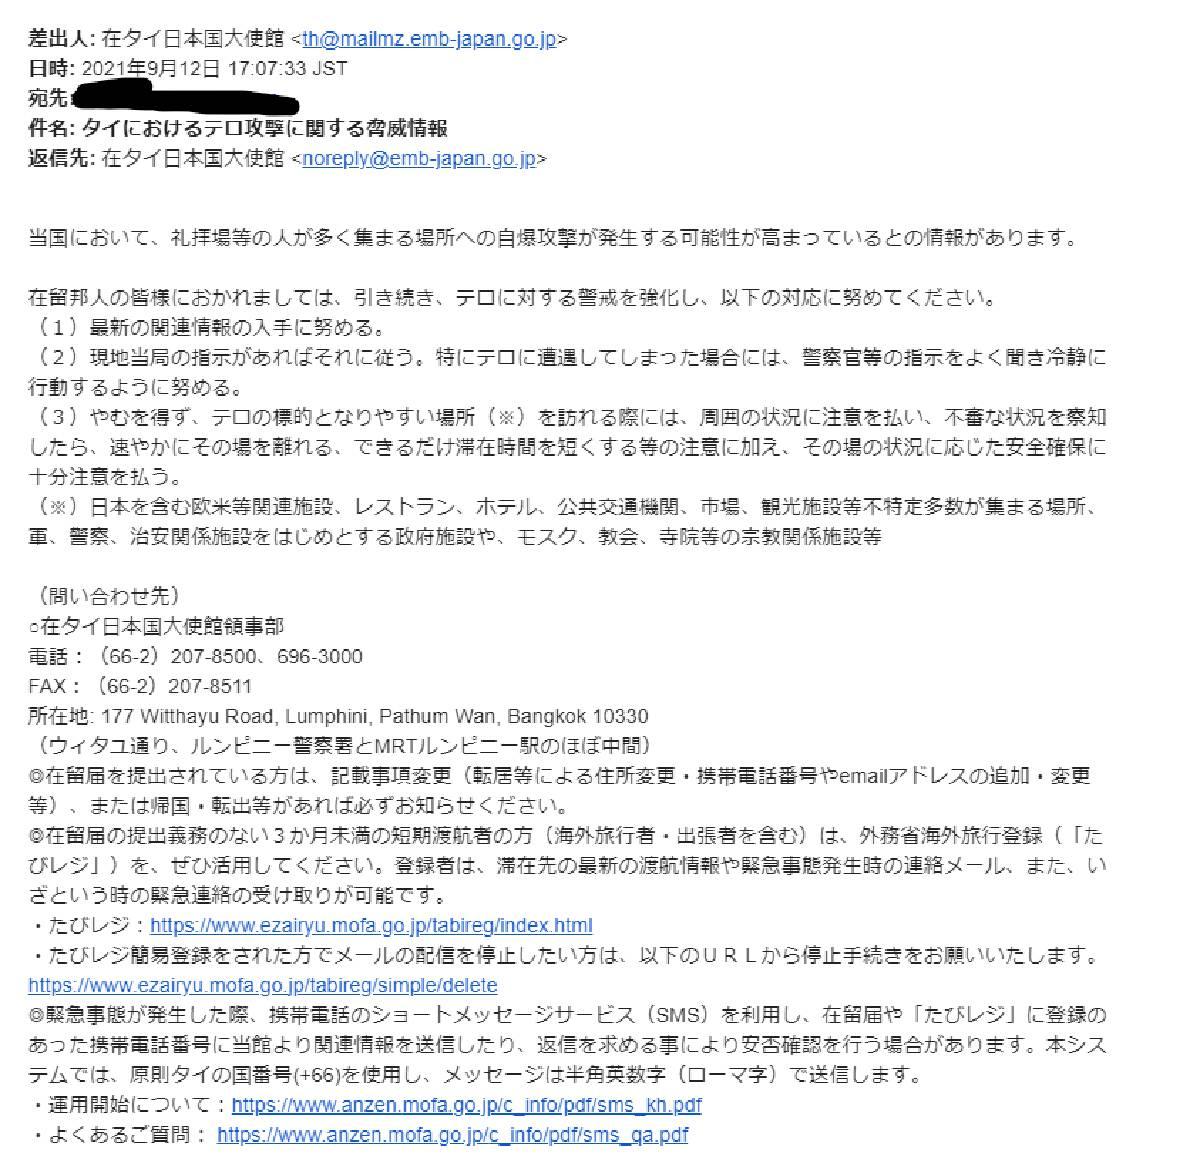 สถานทูตญี่ปุ่นเตือนก่อการร้ายในไทย